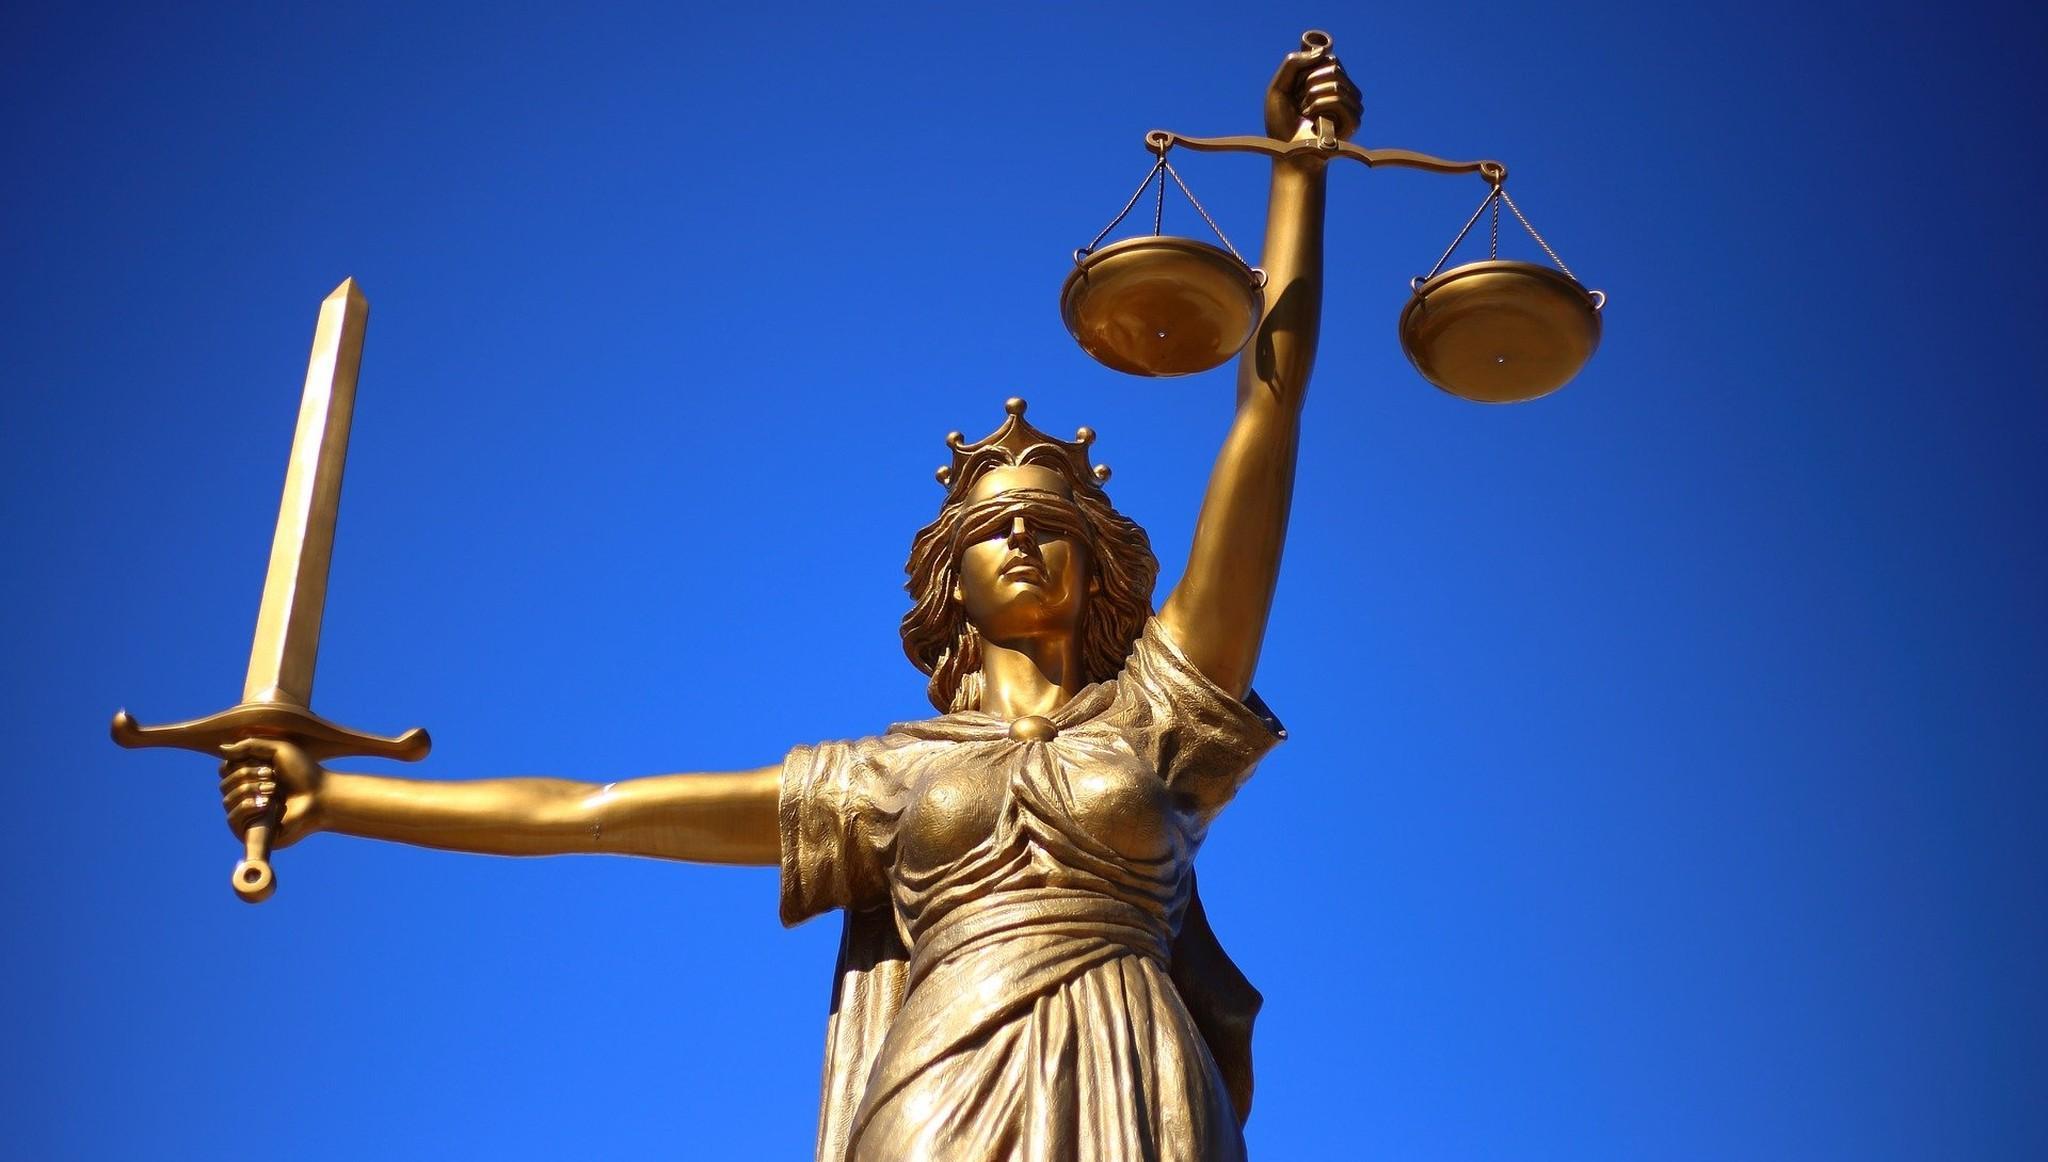 В Тверской области суд оправдал мужчину, которого обвиняли в угрозе полицейскому стартовым пистолетом - новости Афанасий